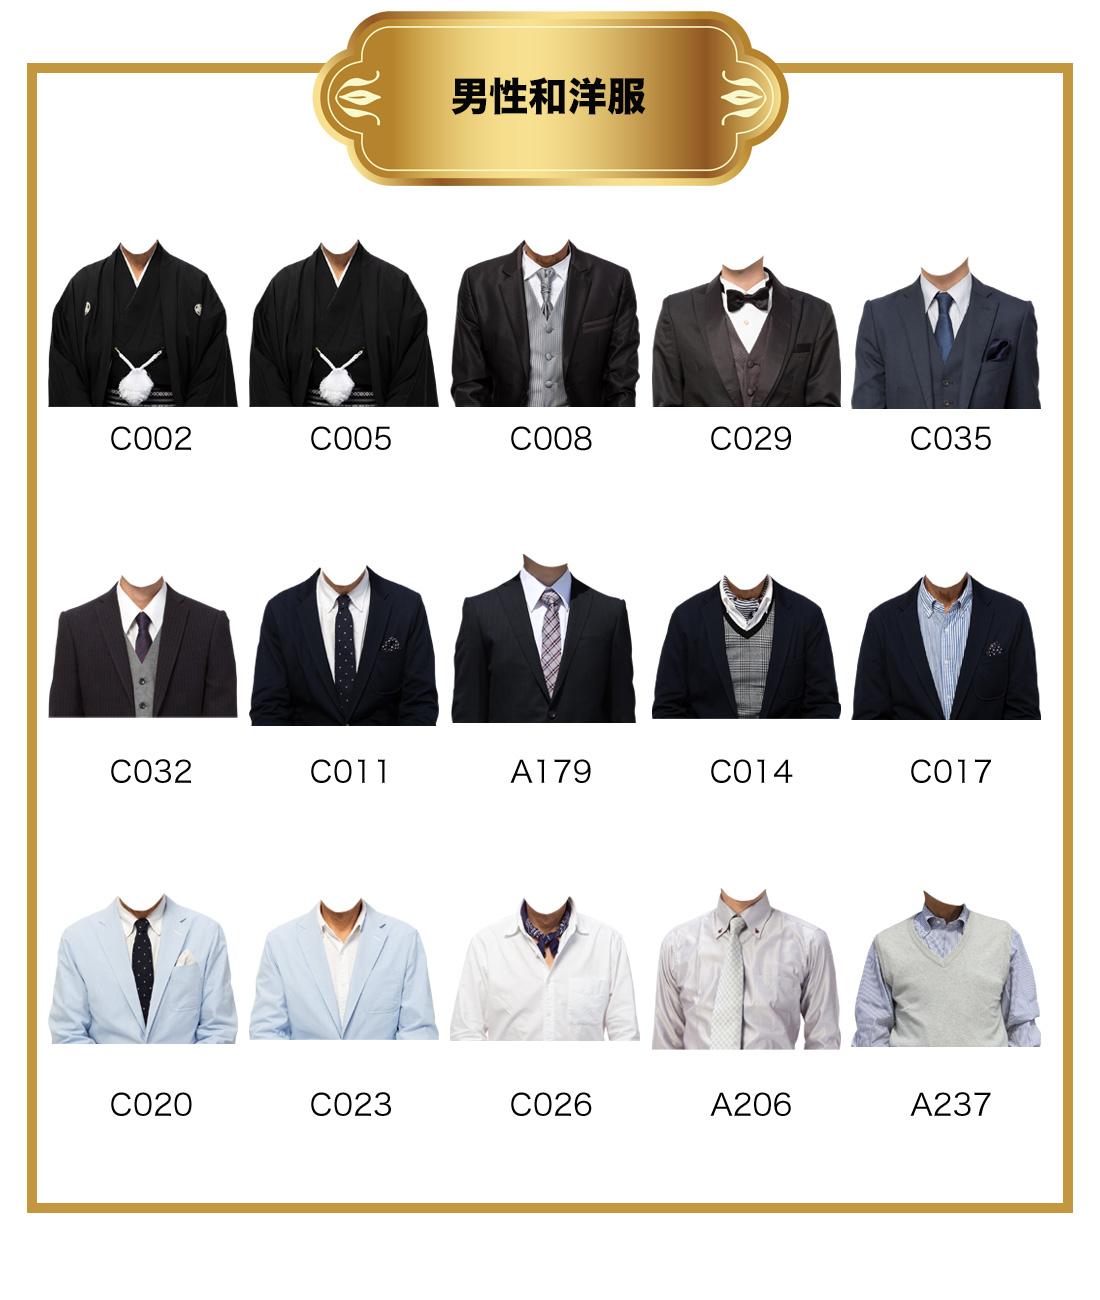 男性 - 和洋服